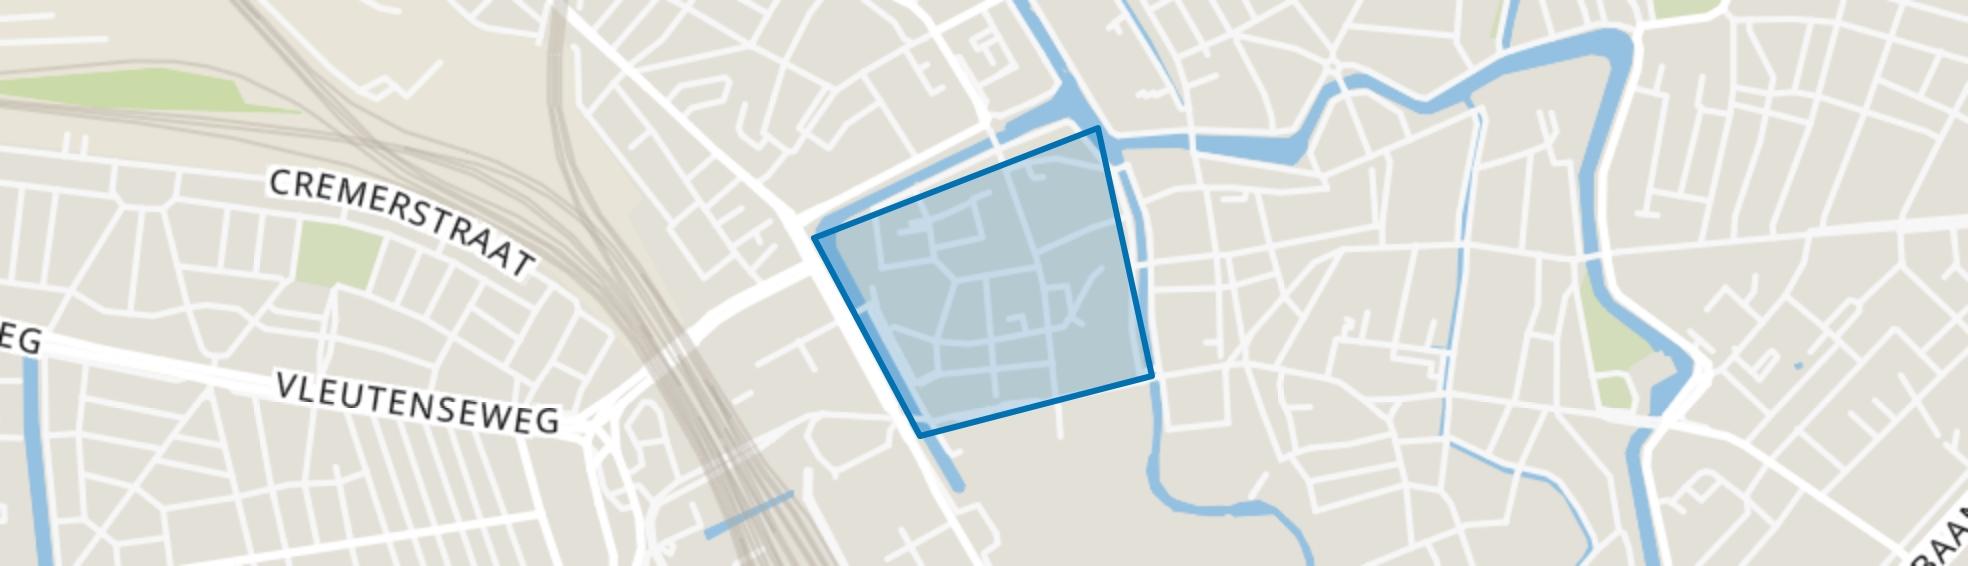 Wijk C, Utrecht map